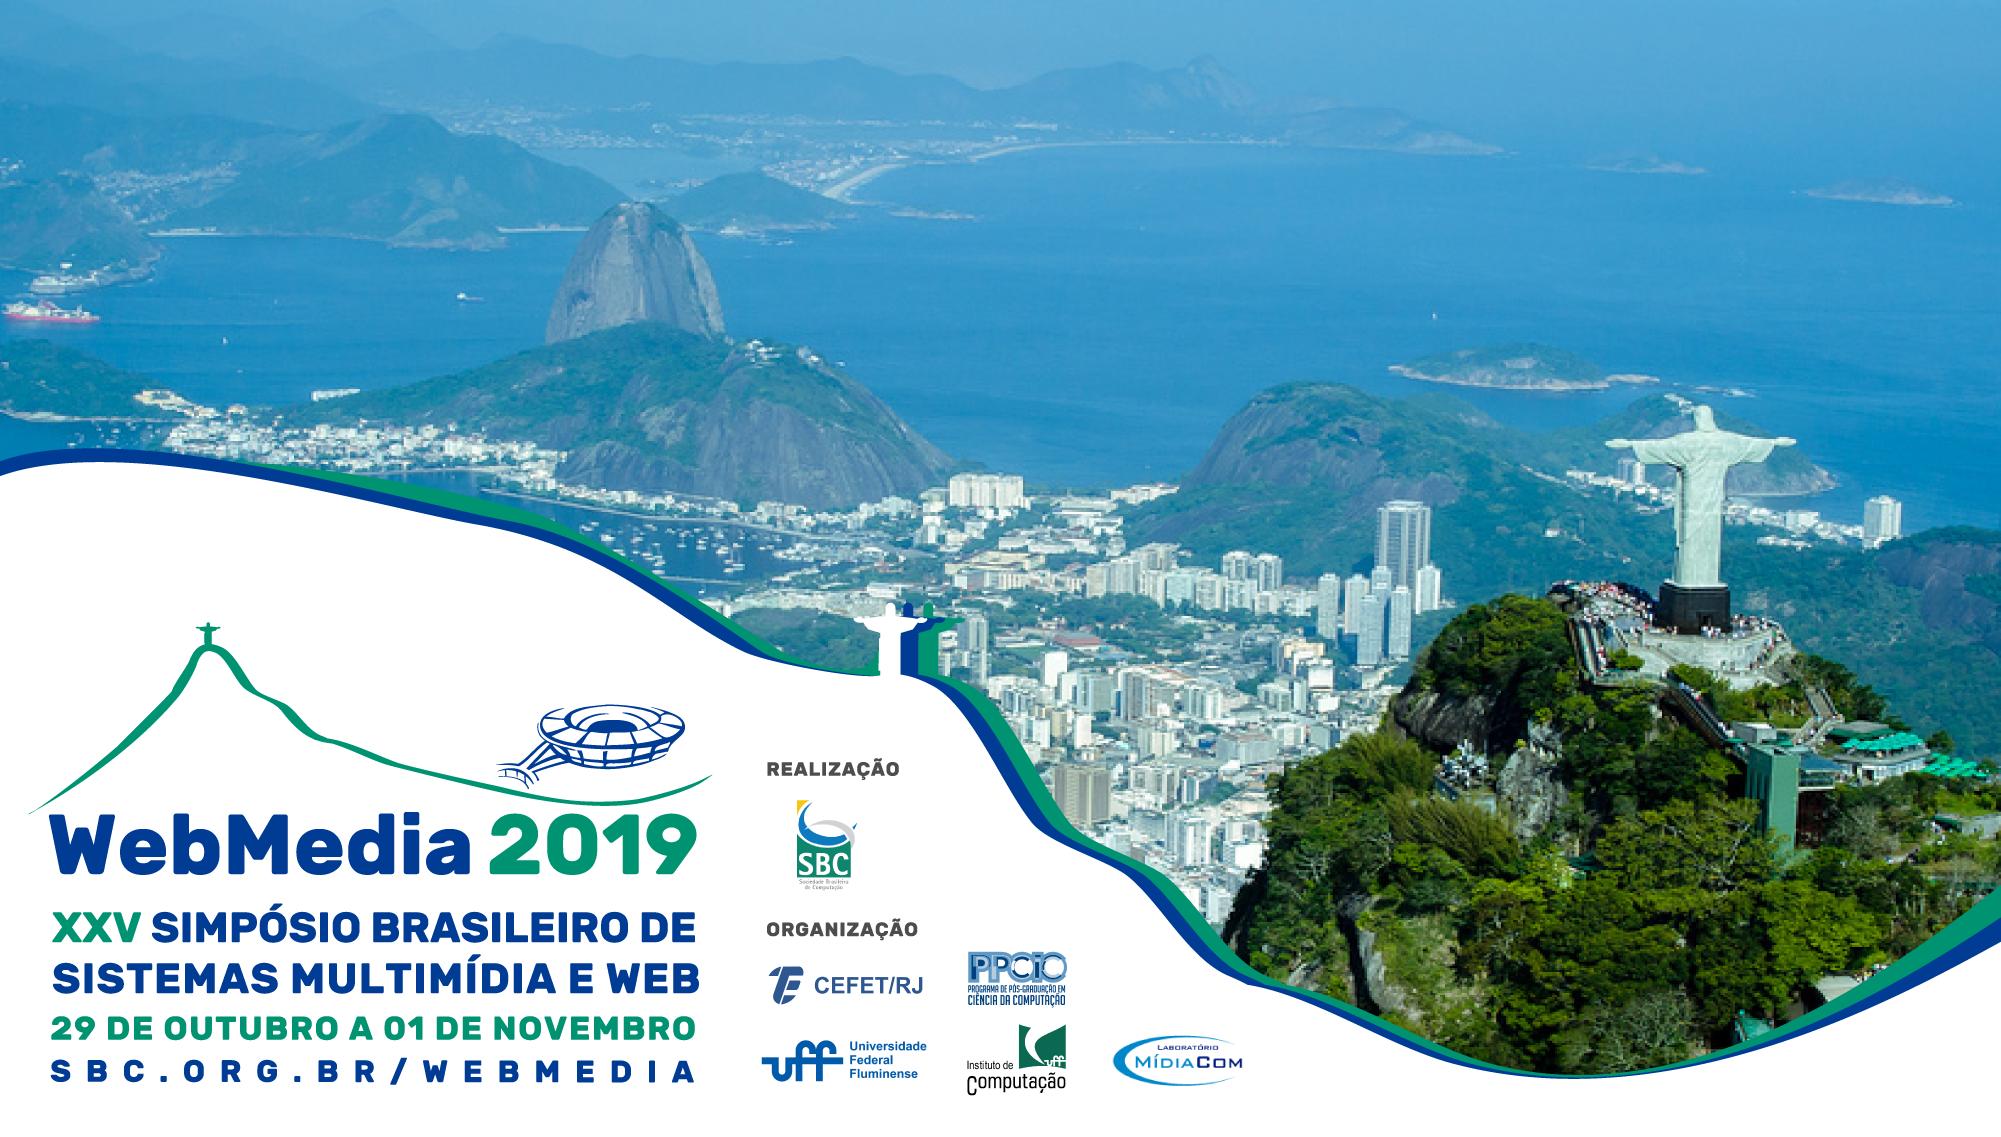 Simpósio Brasileiro de Sistemas Multimídia e Web (WebMedia) 2019